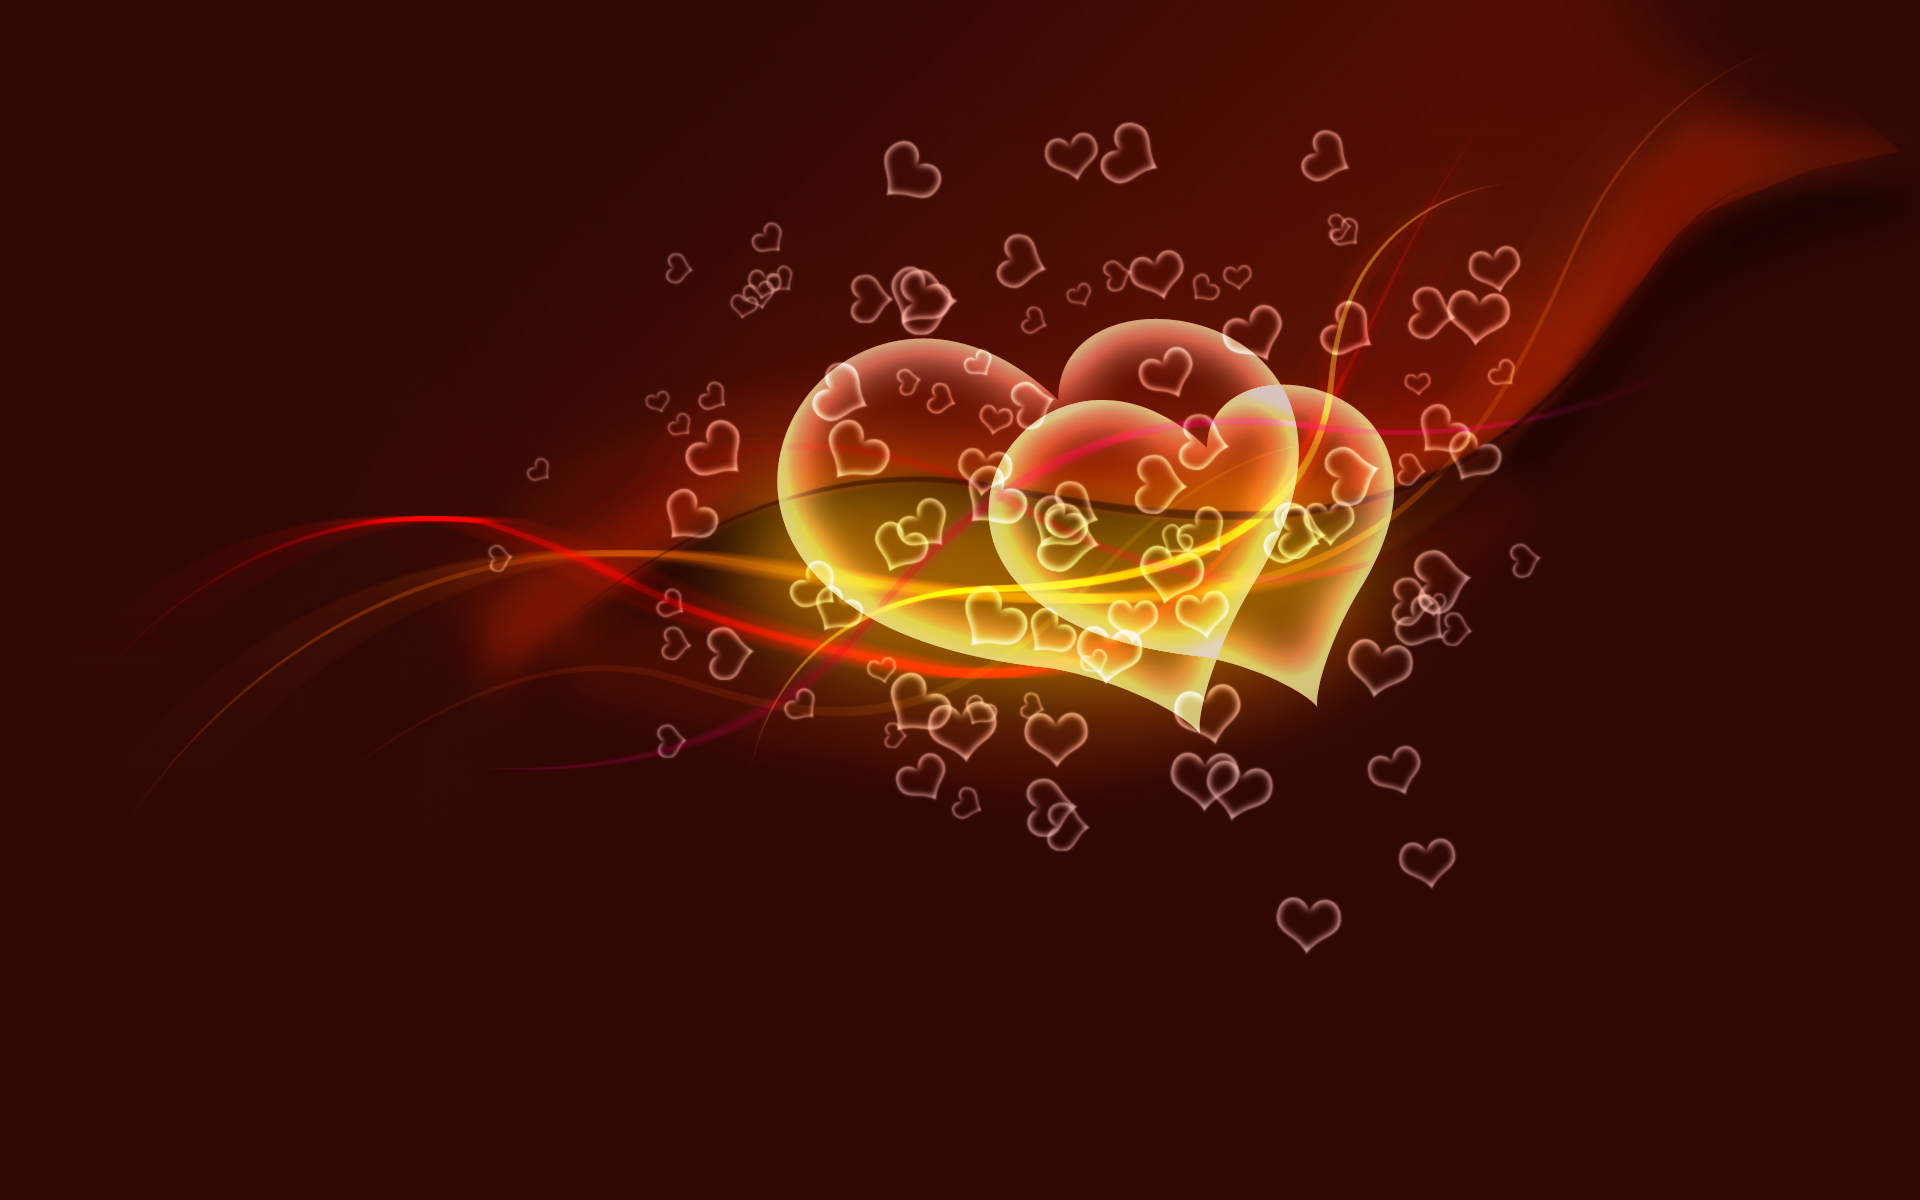 Открытки для мужа с признанием в любви